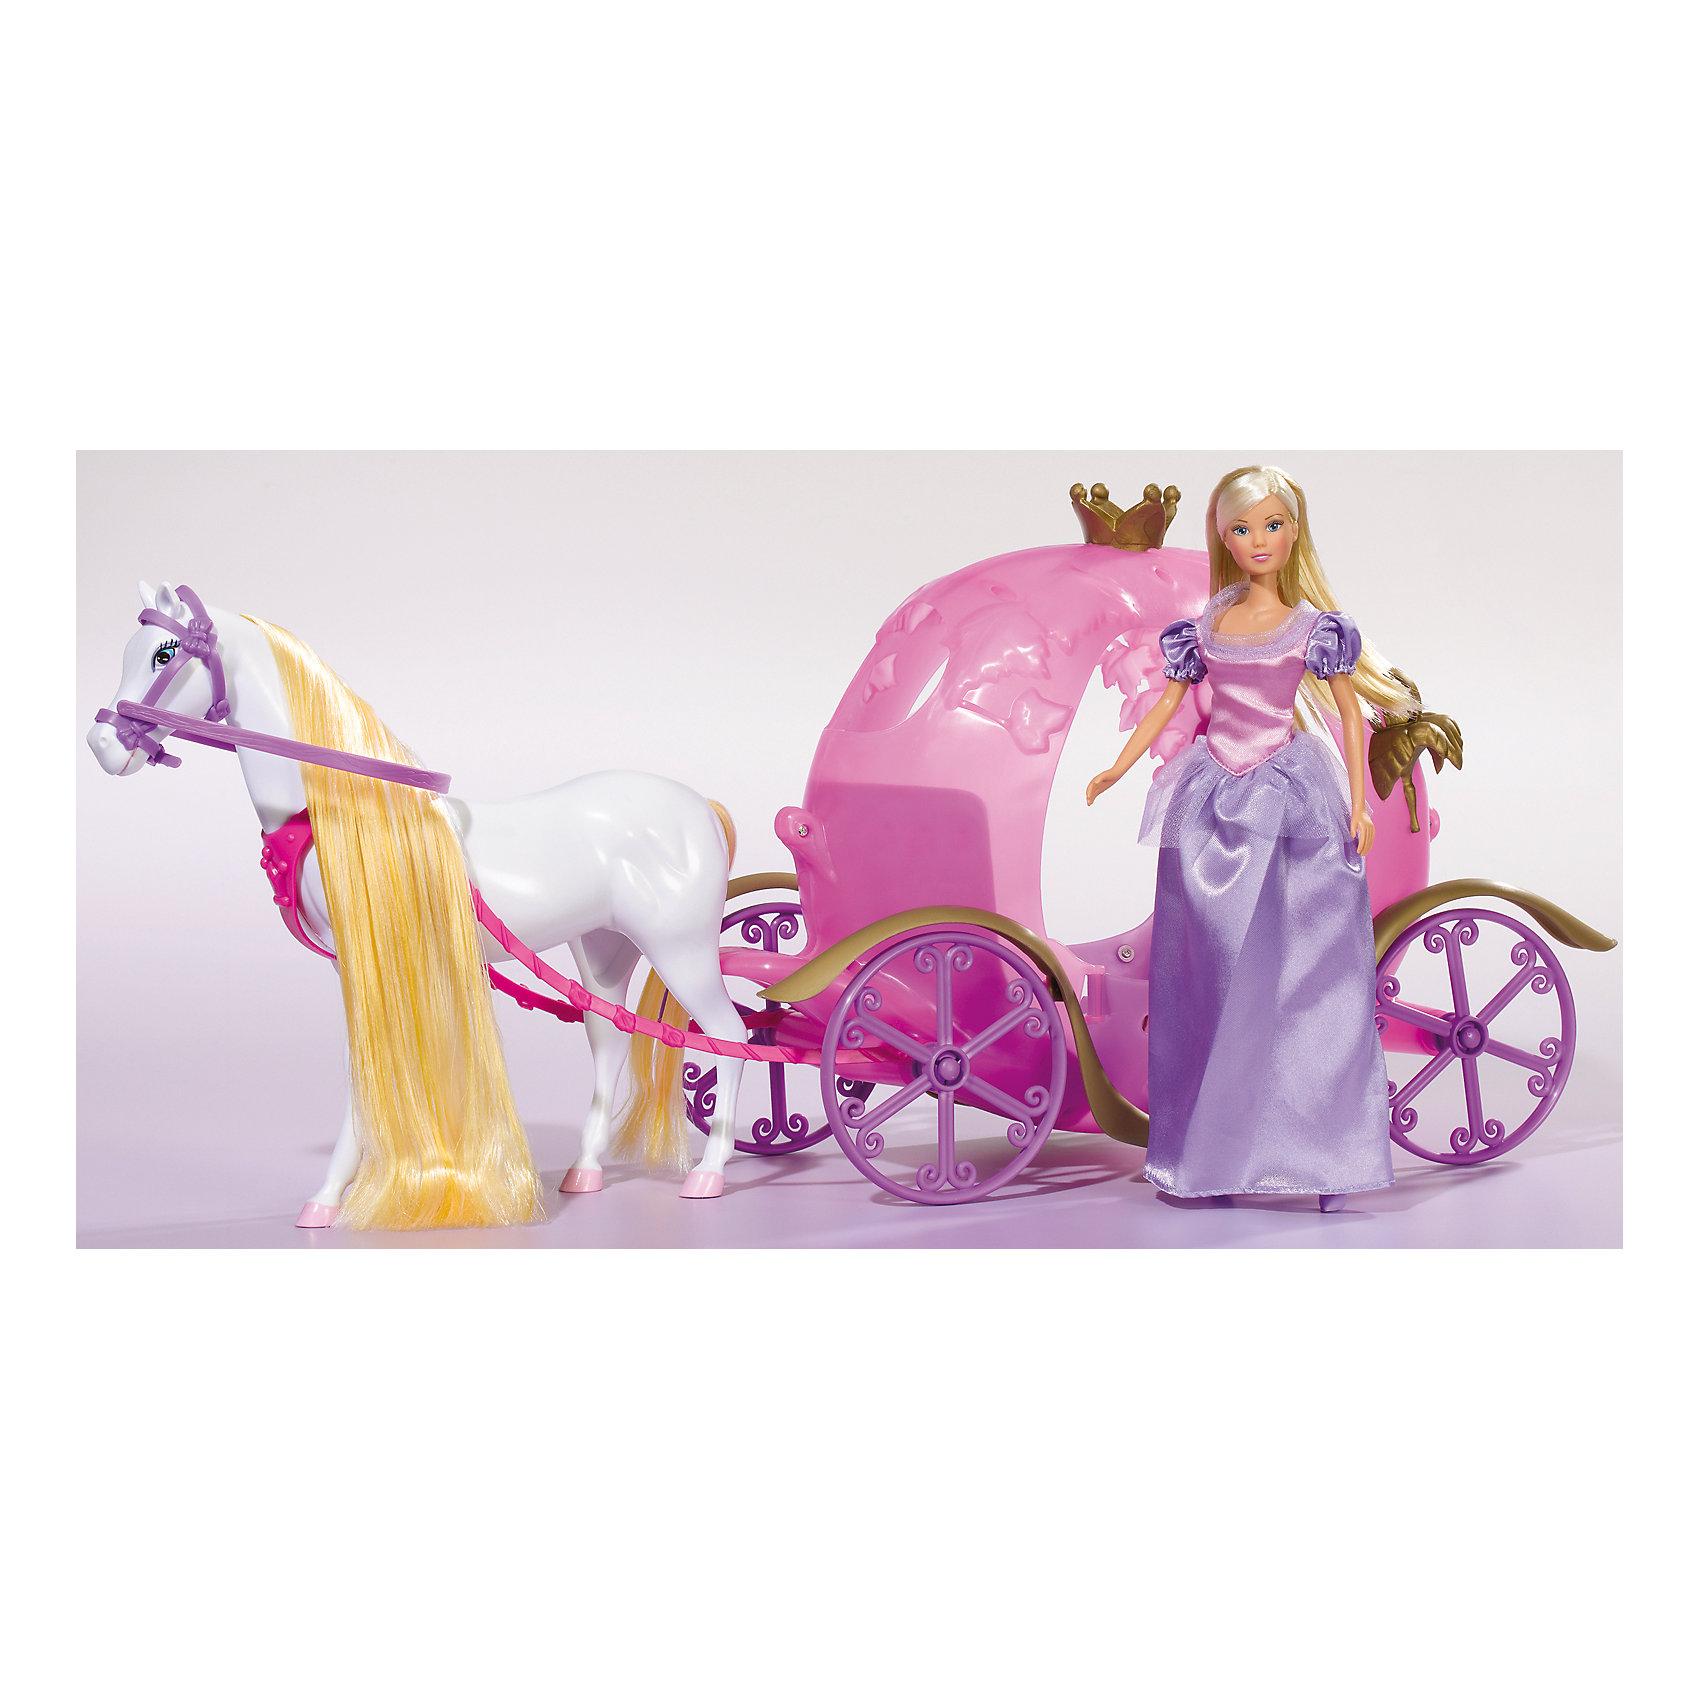 Кукла Штеффи и ее сказочная карета, SimbaSteffi и Evi Love<br>Характеристики товара:<br><br>- цвет: разноцветный;<br>- материал: пластик;<br>- возраст: от трех лет;<br>- комплектация: кукла, аксессуары, карета;<br>- высота куклы: 29 см.<br><br>Эта симпатичная кукла Штеффи от известного бренда не оставит девочку равнодушной! Какая девочка сможет отказаться поиграть с куклами, которые дополнены собственной каретой?! В набор входят аксессуары для игр с куклой. Игрушка очень качественно выполнена, поэтому она станет замечательным подарком ребенку. <br>Продается набор в красивой удобной упаковке. Игры с куклами помогают девочкам развить важные навыки и отработать модели социального взаимодействия. Изделие произведено из высококачественного материала, безопасного для детей.<br><br>Куклу Штеффи и ее сказочная карета от бренда Simba можно купить в нашем интернет-магазине.<br><br>Ширина мм: 200<br>Глубина мм: 600<br>Высота мм: 290<br>Вес г: 1639<br>Возраст от месяцев: 36<br>Возраст до месяцев: 72<br>Пол: Женский<br>Возраст: Детский<br>SKU: 2429675